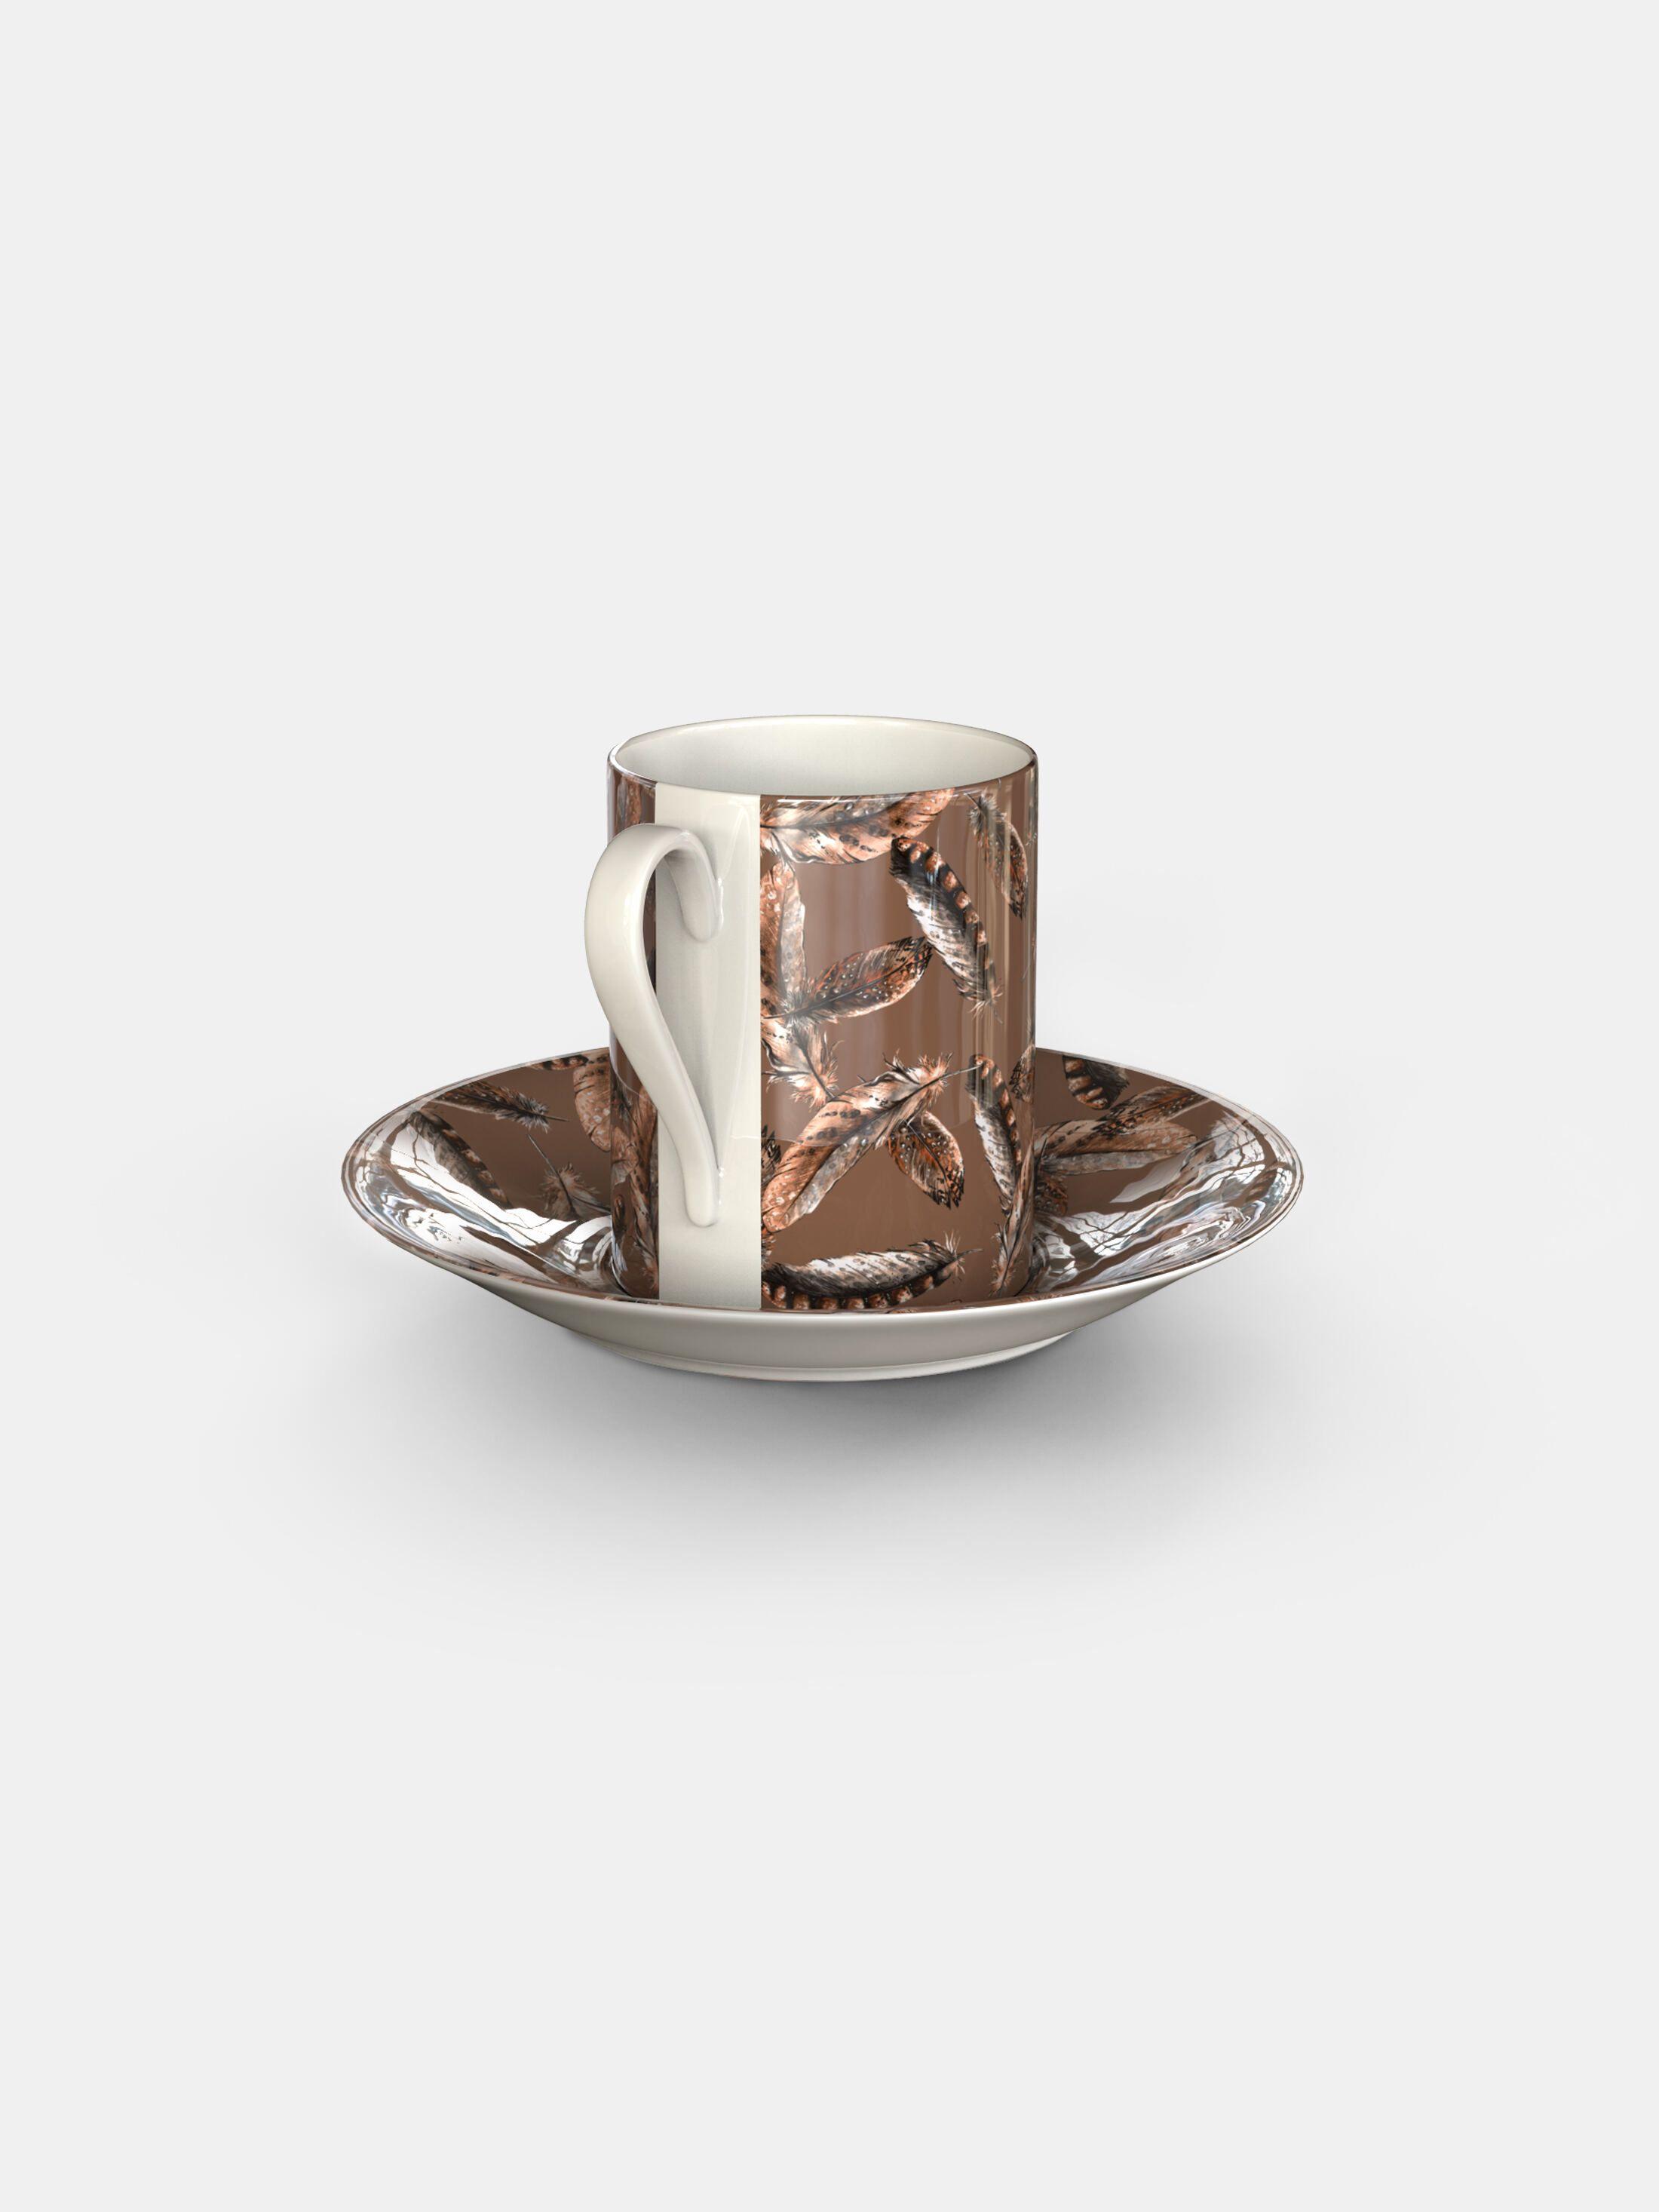 gepersonaliseerde espresso kop-en-schotel